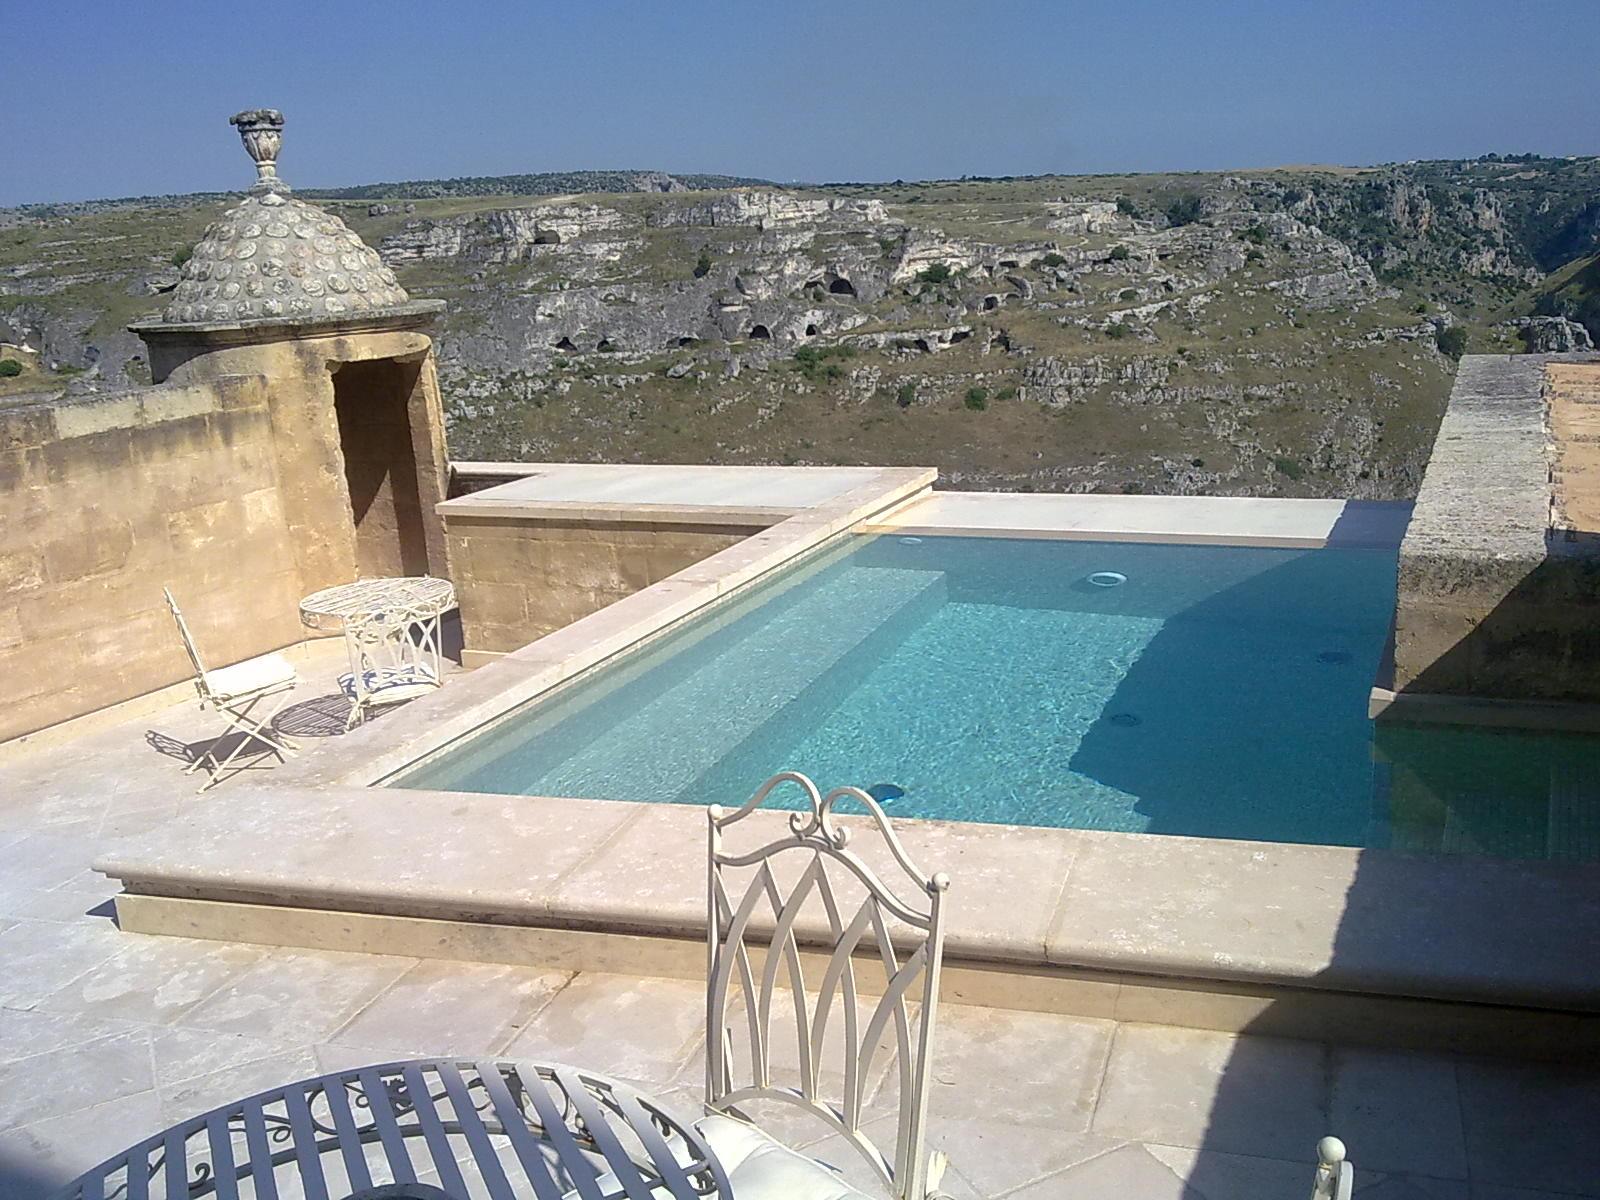 Hotel con piscina in camera una collezione di idee per for Piani di palazzo con piscina coperta